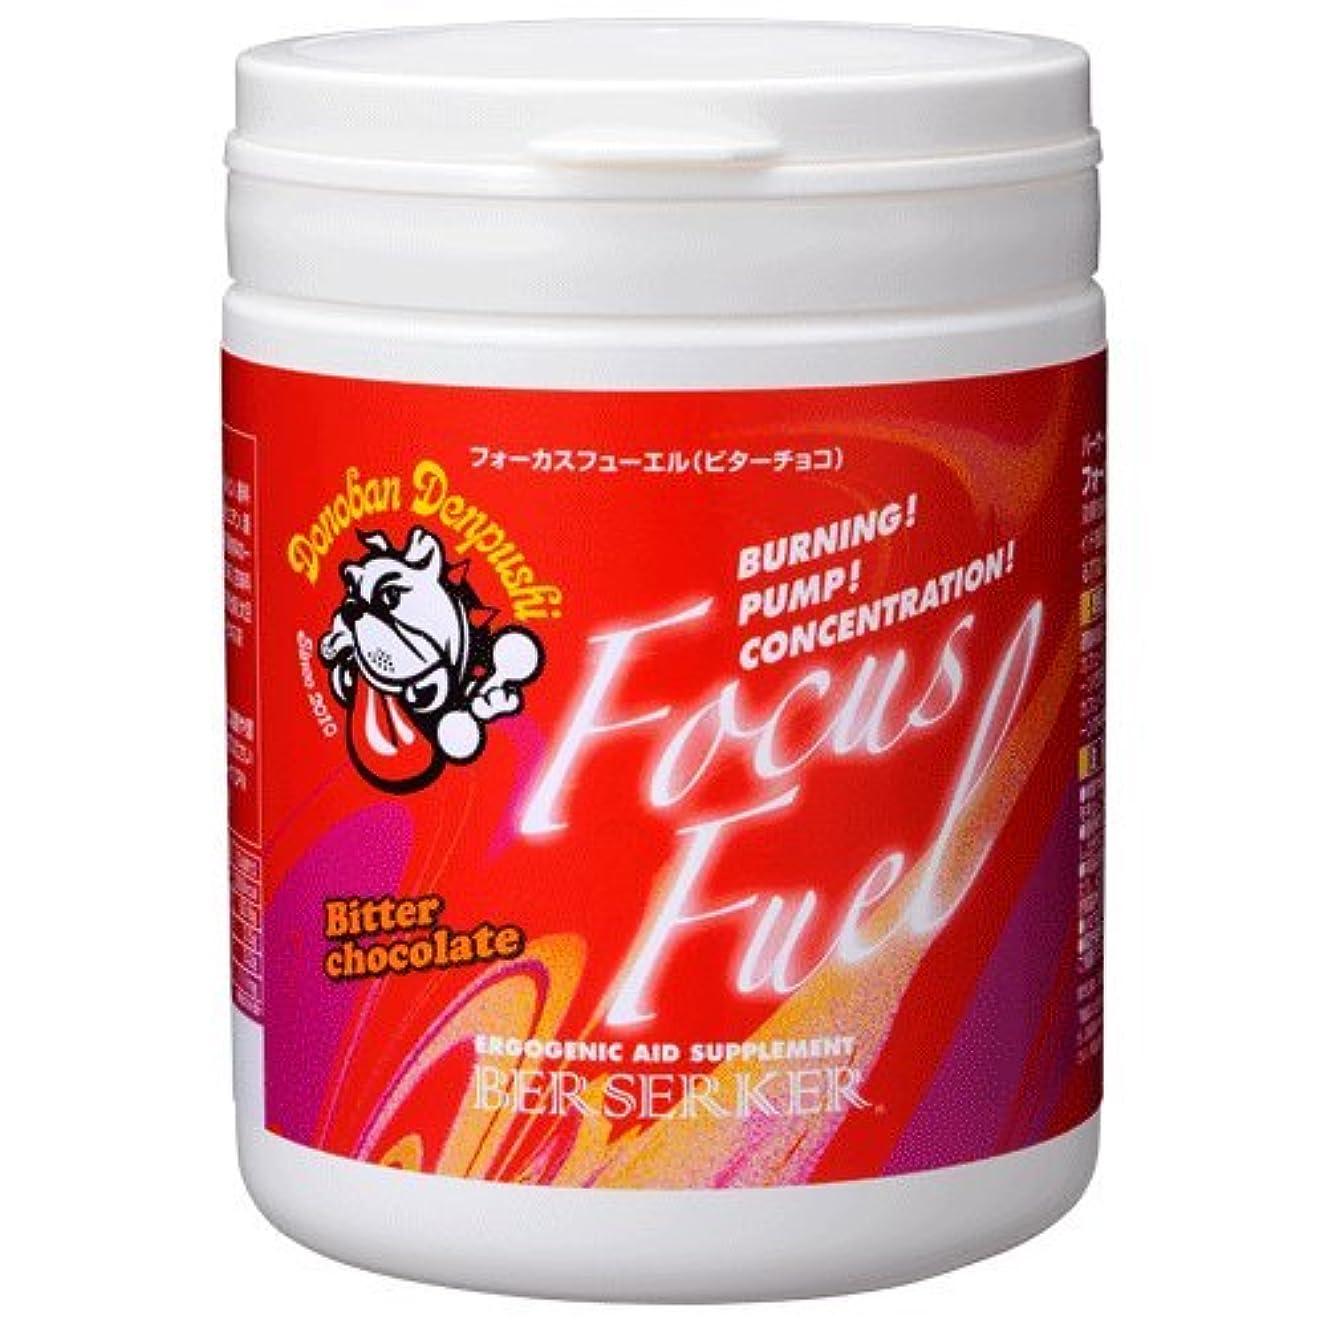 不変まぶしさパーツバーサーカーFocusFuel(282.3g)(ビターチョコ味)